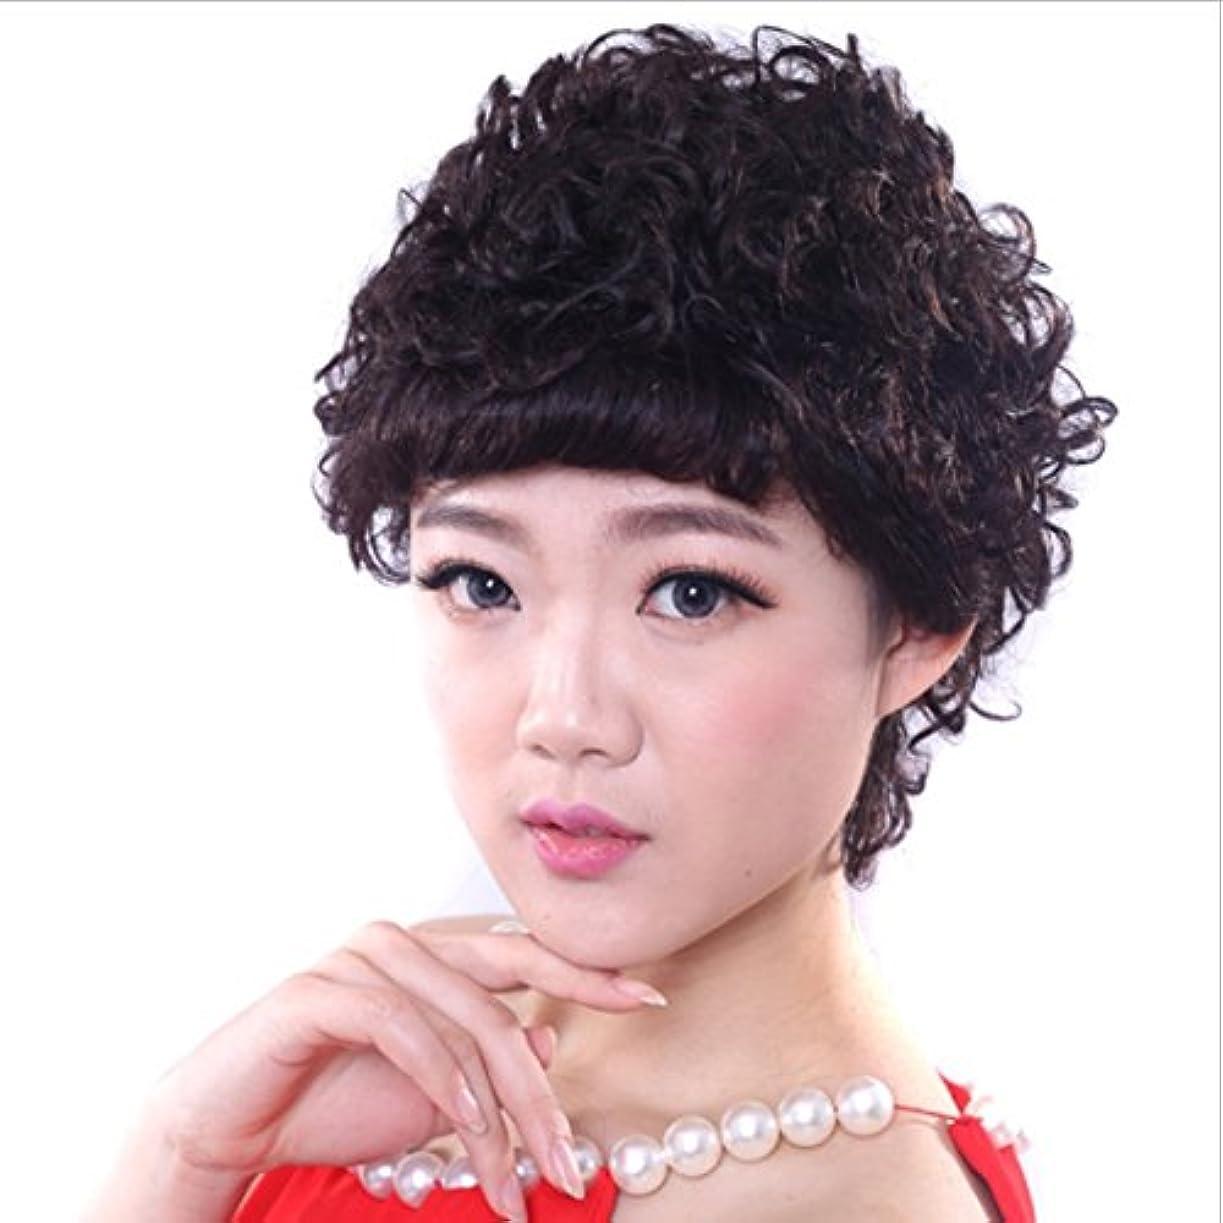 ハンディキャップ安全性定義するYOUQIU ナチュラルブラックショートカーリーウィッグ - 傾斜中年のために前髪合成デイリーウィッグと古い女性自然な実髪(ブラック)かつらと春巻きウィッグ (色 : 黒)